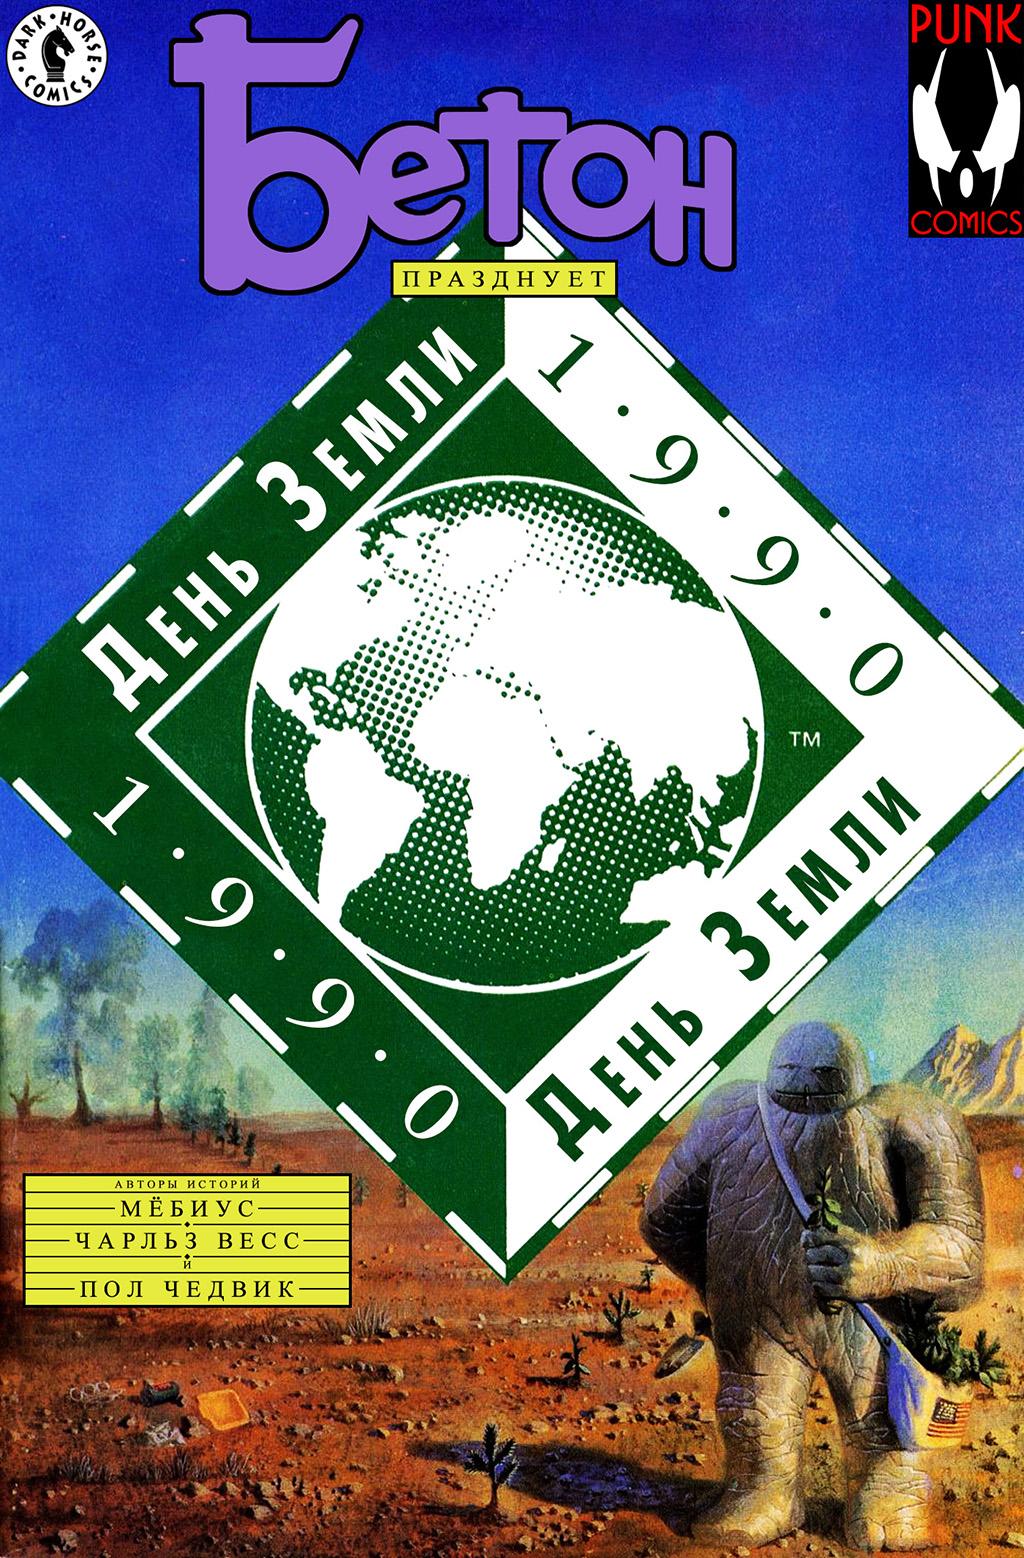 Комикс Бетон празднует День Земли